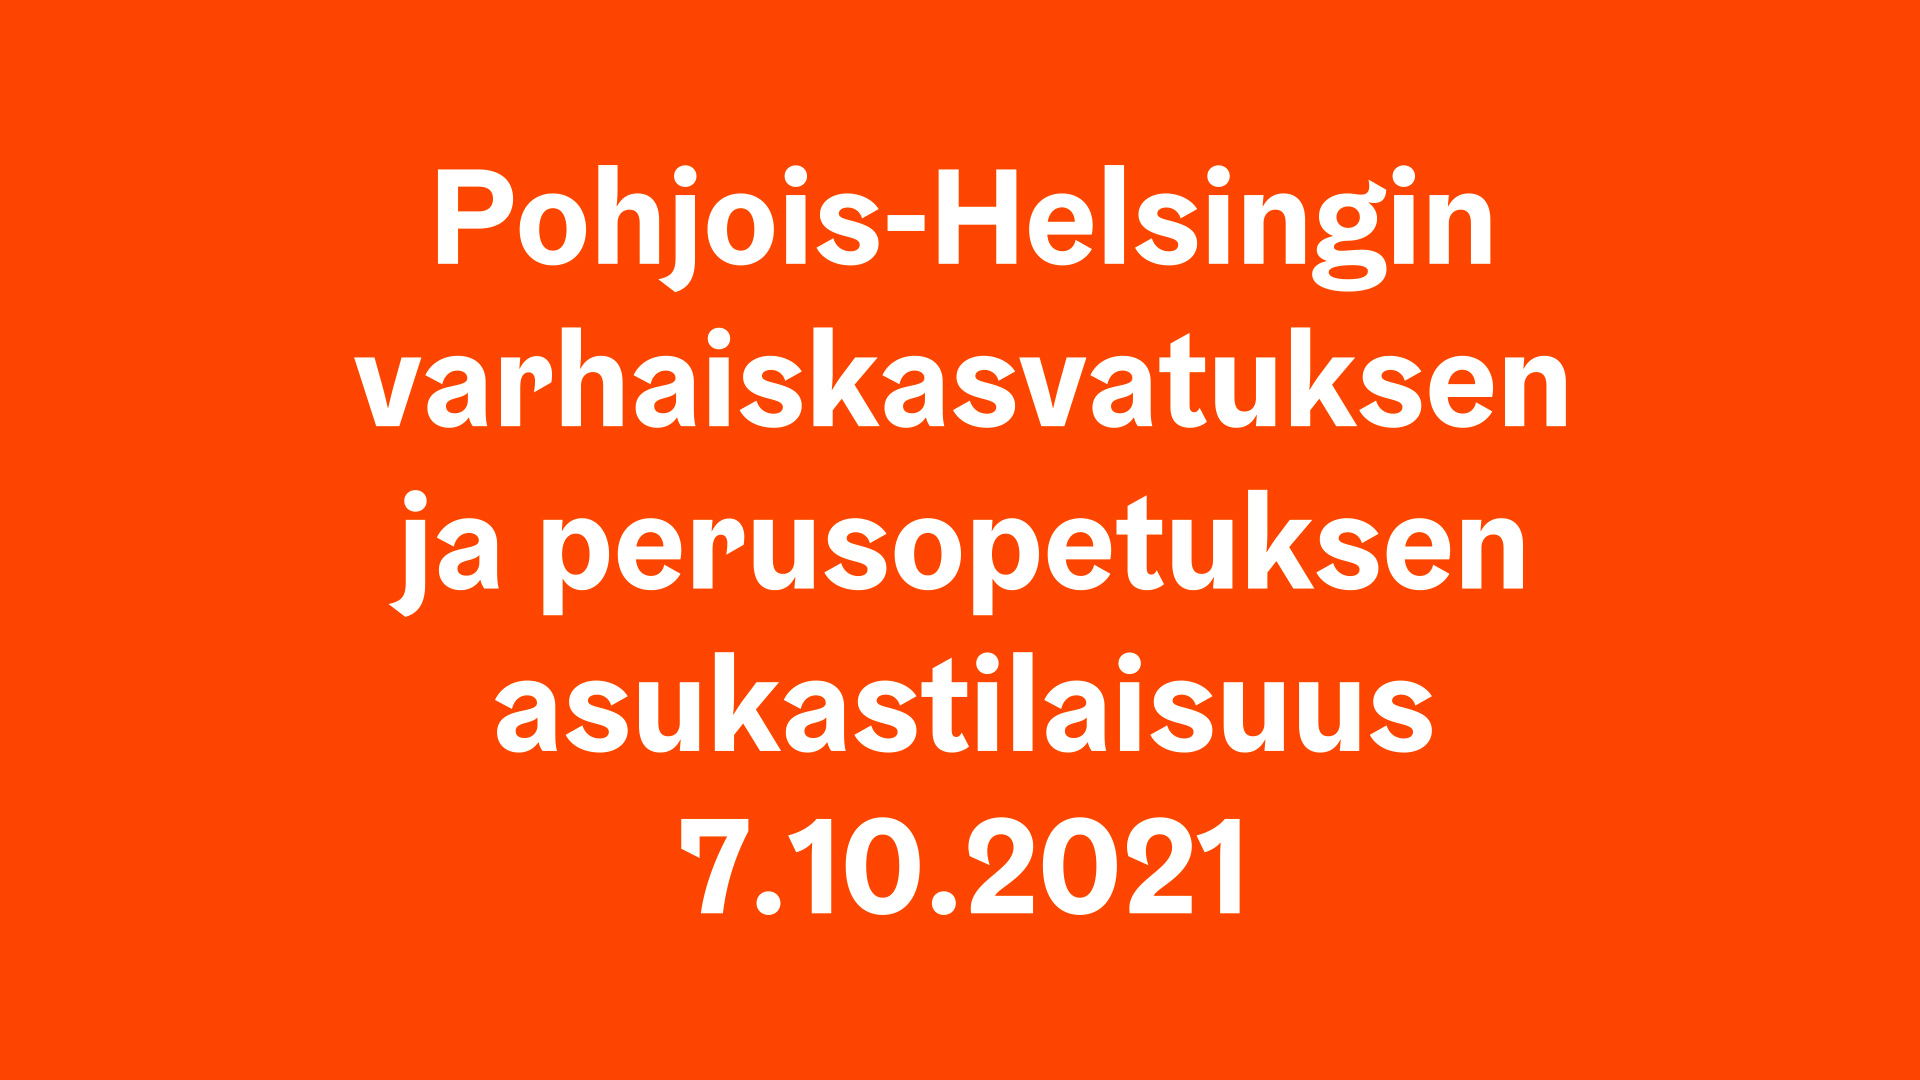 Pohjois-Helsingin varhaiskasvatuksen ja perusopetuksen asukastilaisuus 7.10.2021